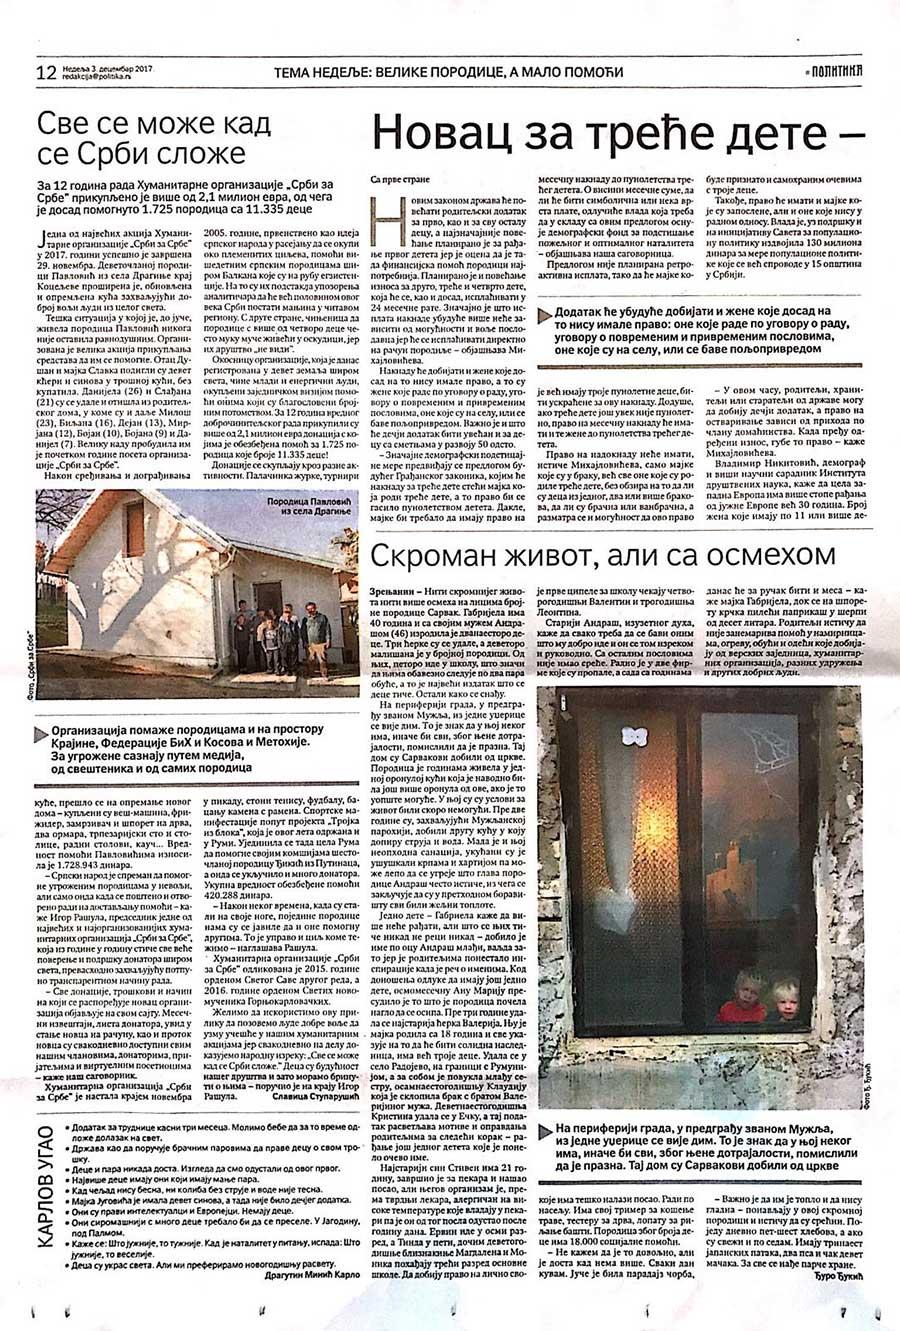 Политика: Све се може кад се Срби сложе